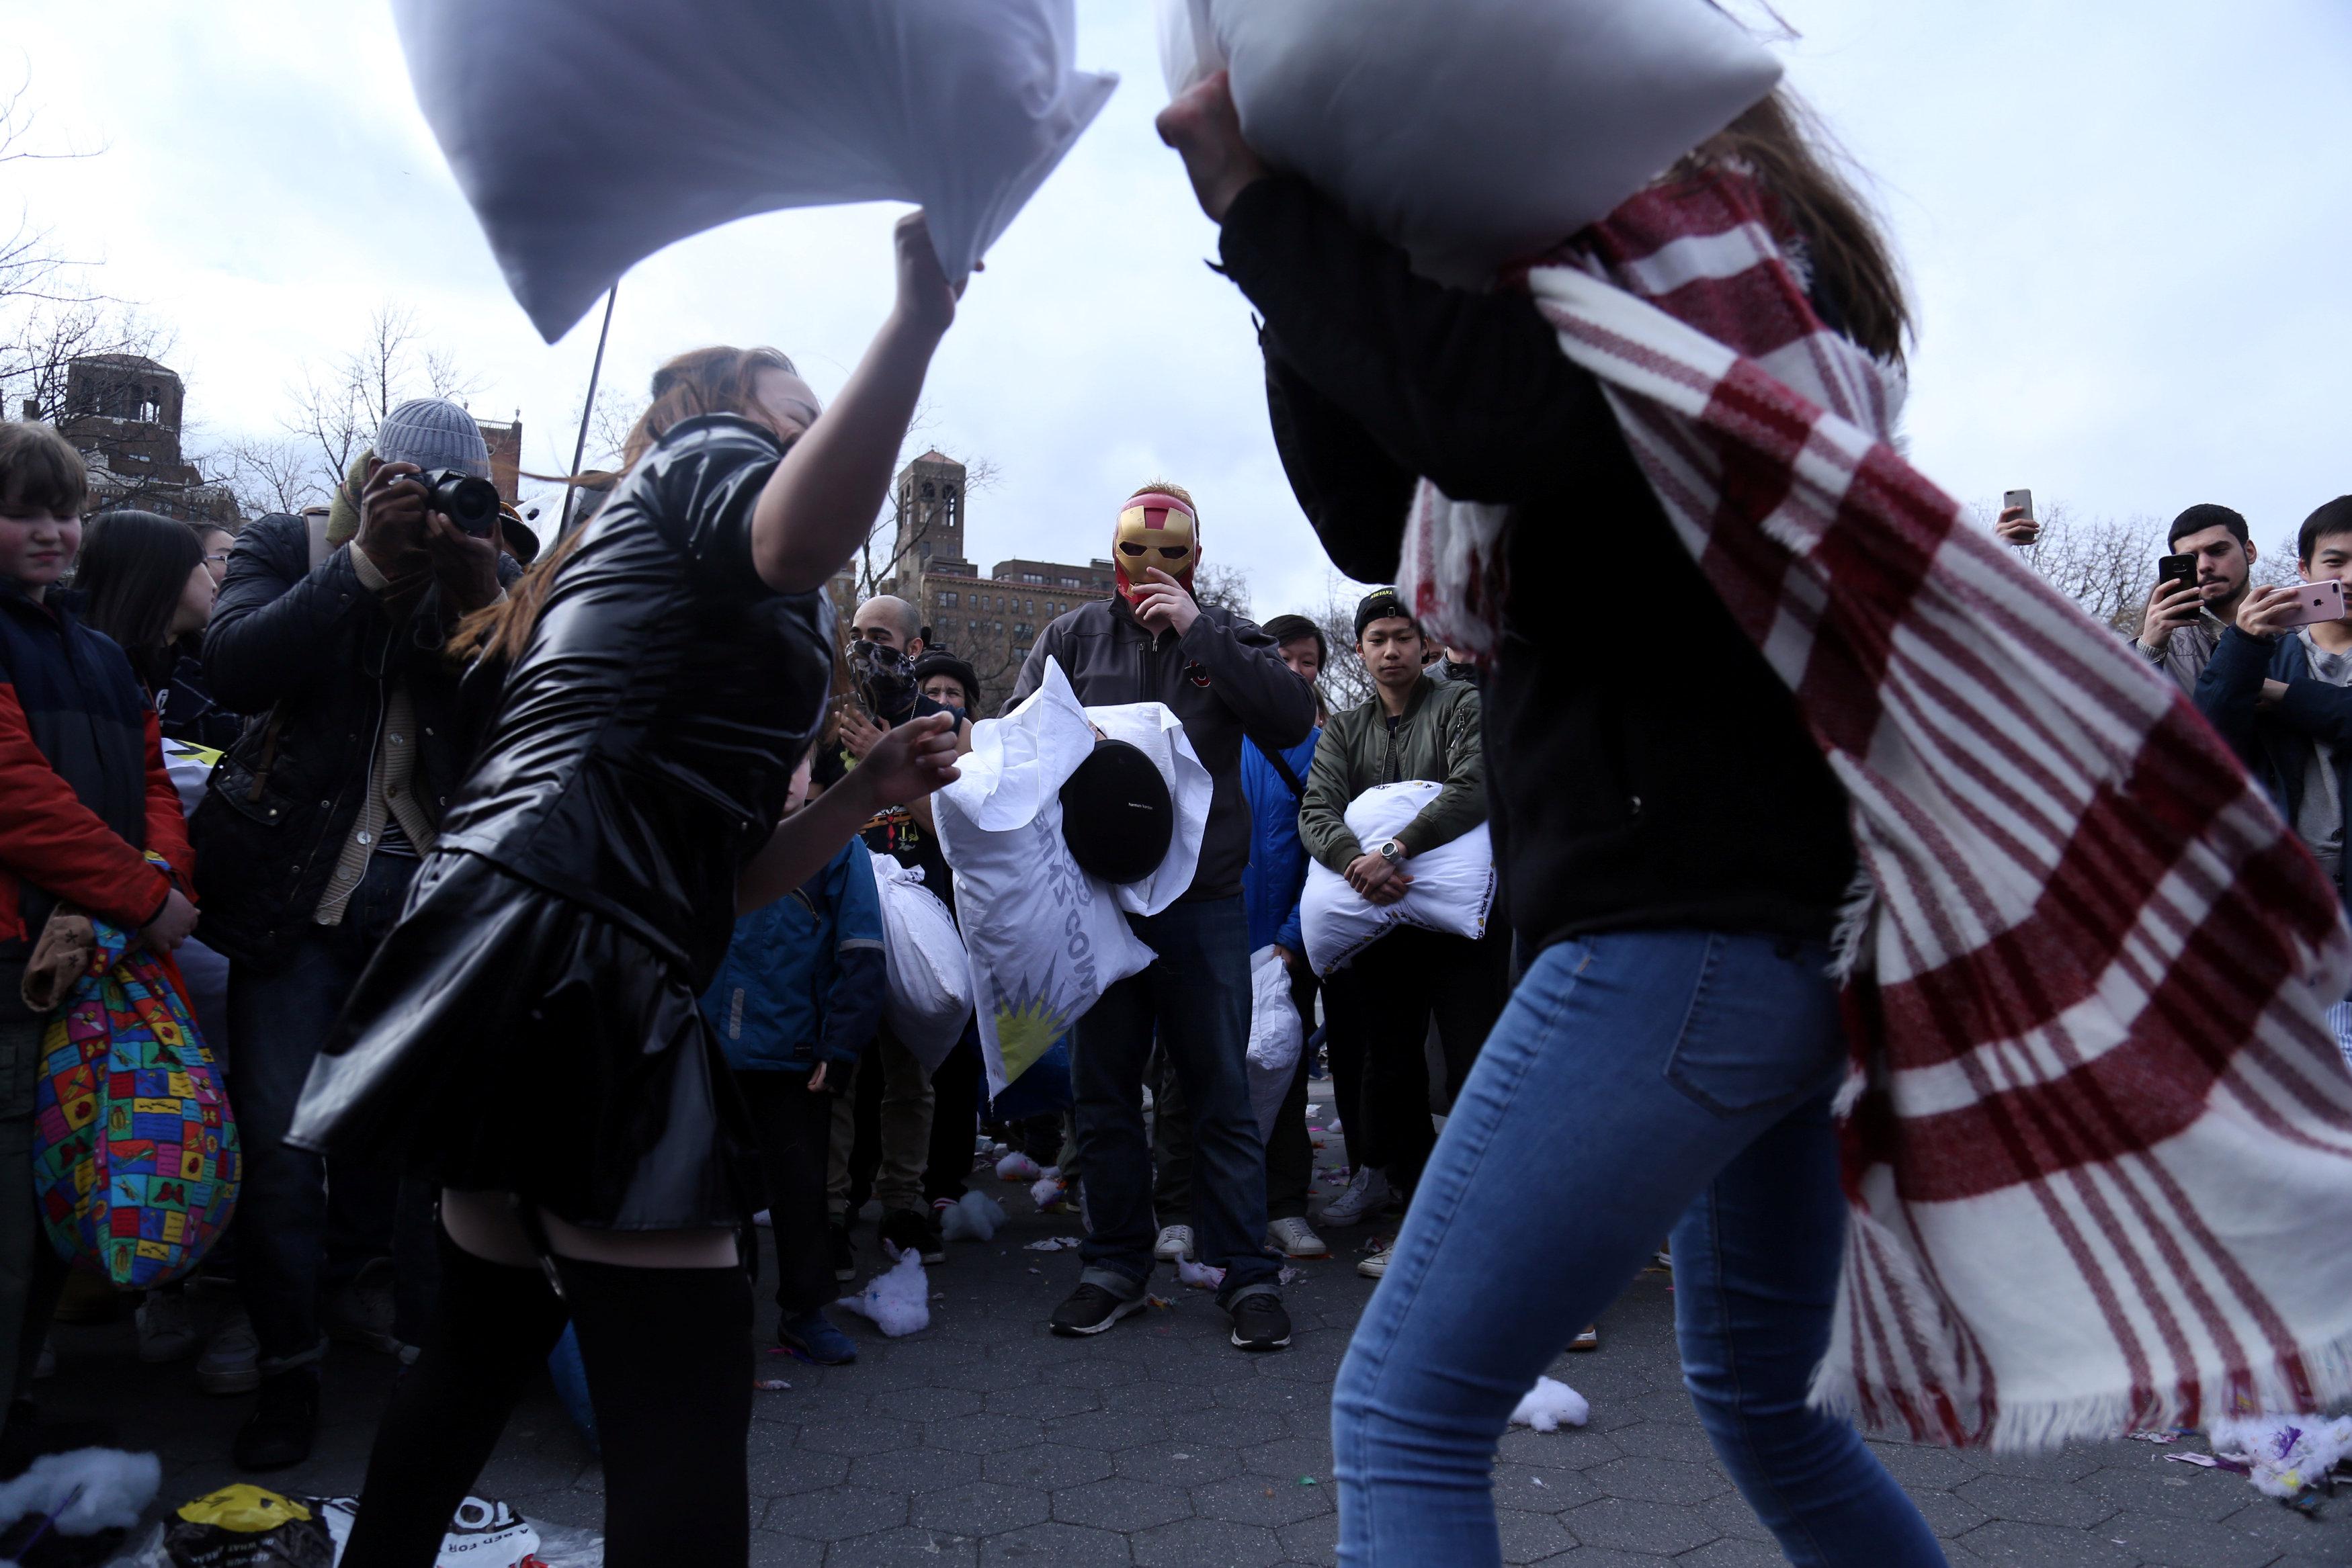 فتاتان تستخدمان الوسائد البيضاء فى حرب الوسائد بنيويورك